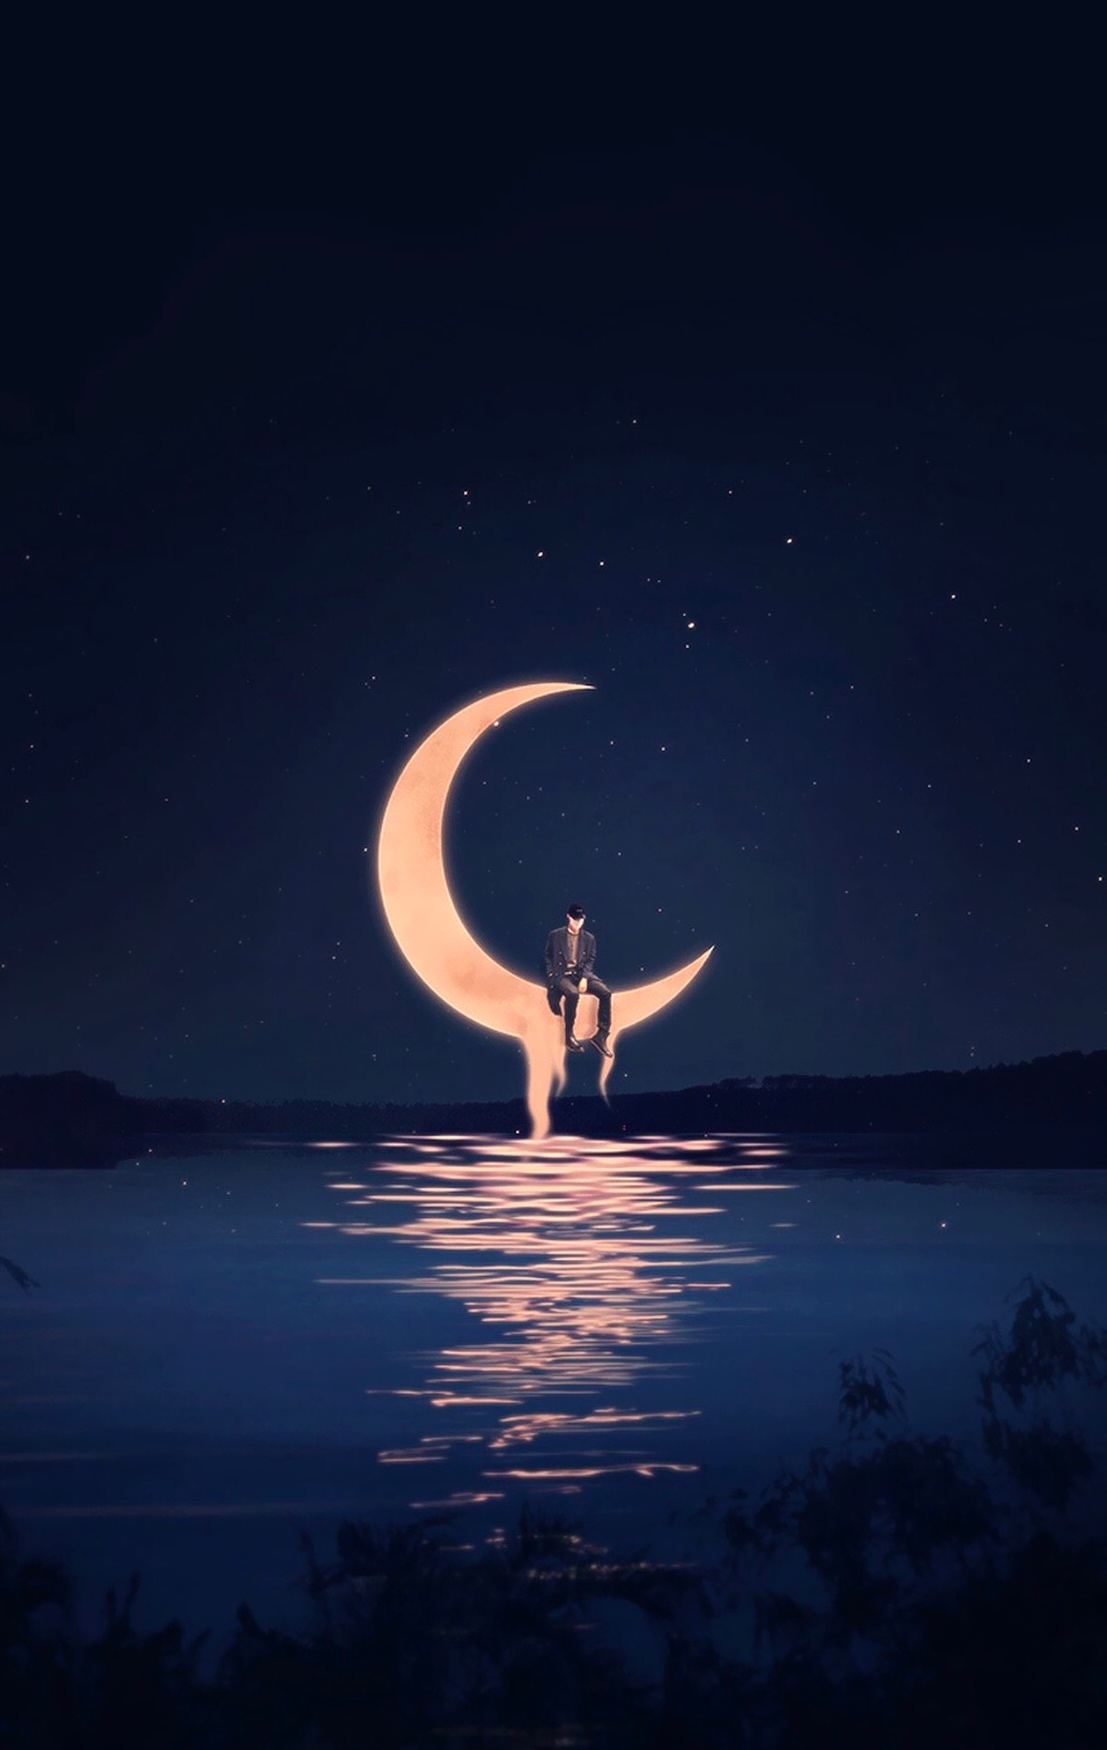 星盘:月亮星座与安全感